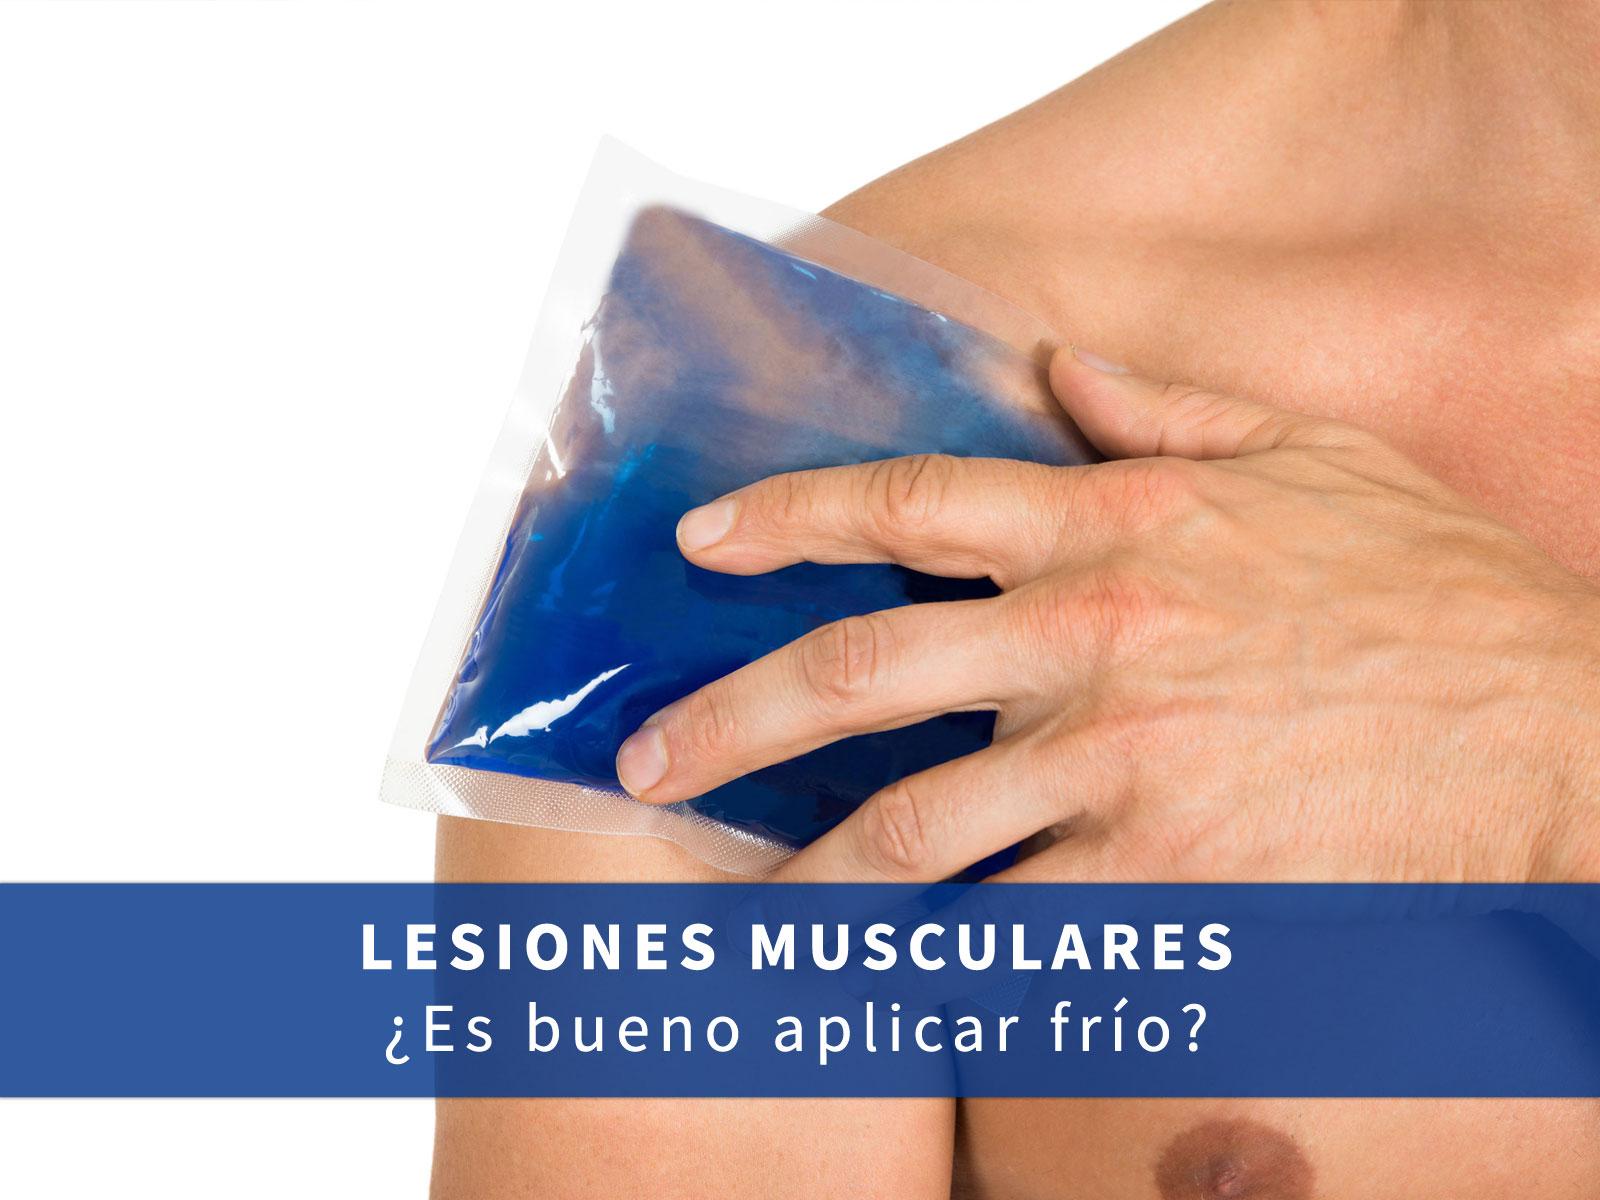 Es-bueno-aplicar-hielo-en-las-lesiones-musculares-clinica-ficioterapia-vigo